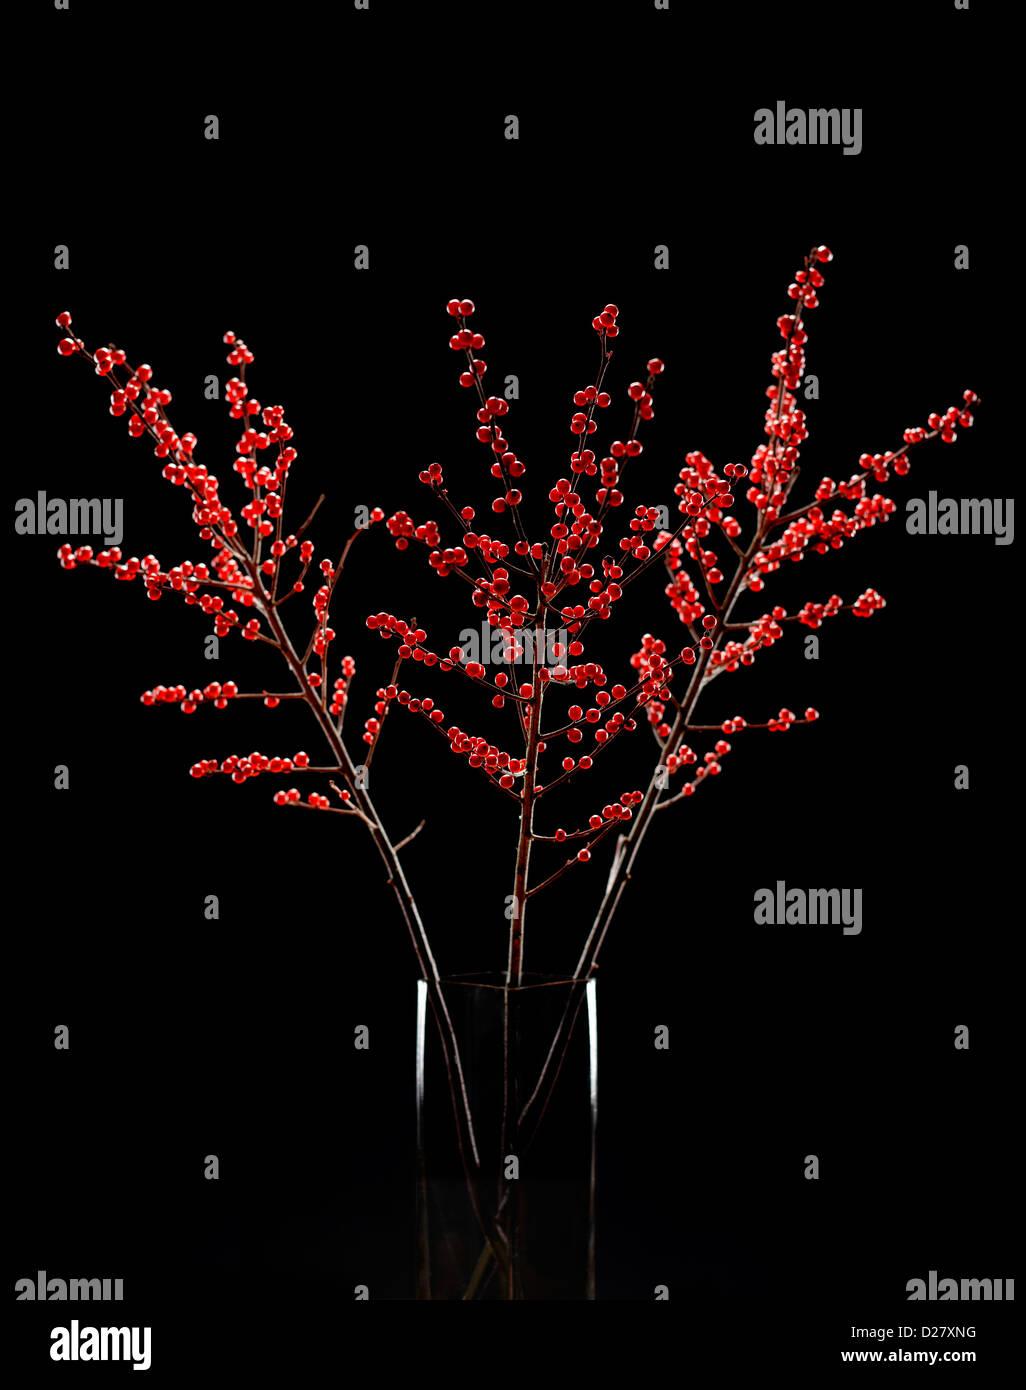 La disposition des baies d'hiver rouge Vase en verre sur fond noir Photo Stock